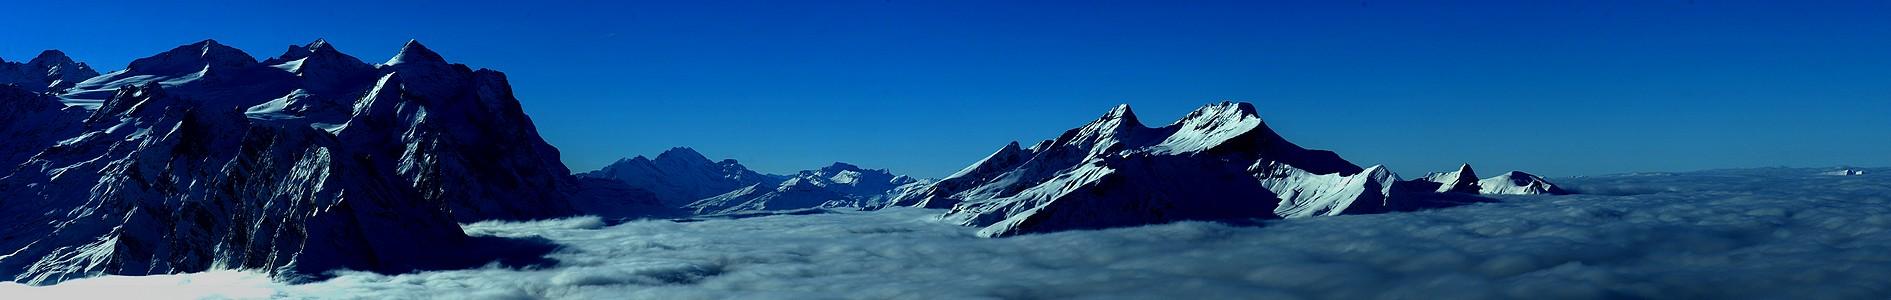 Grindelwalder Panorama